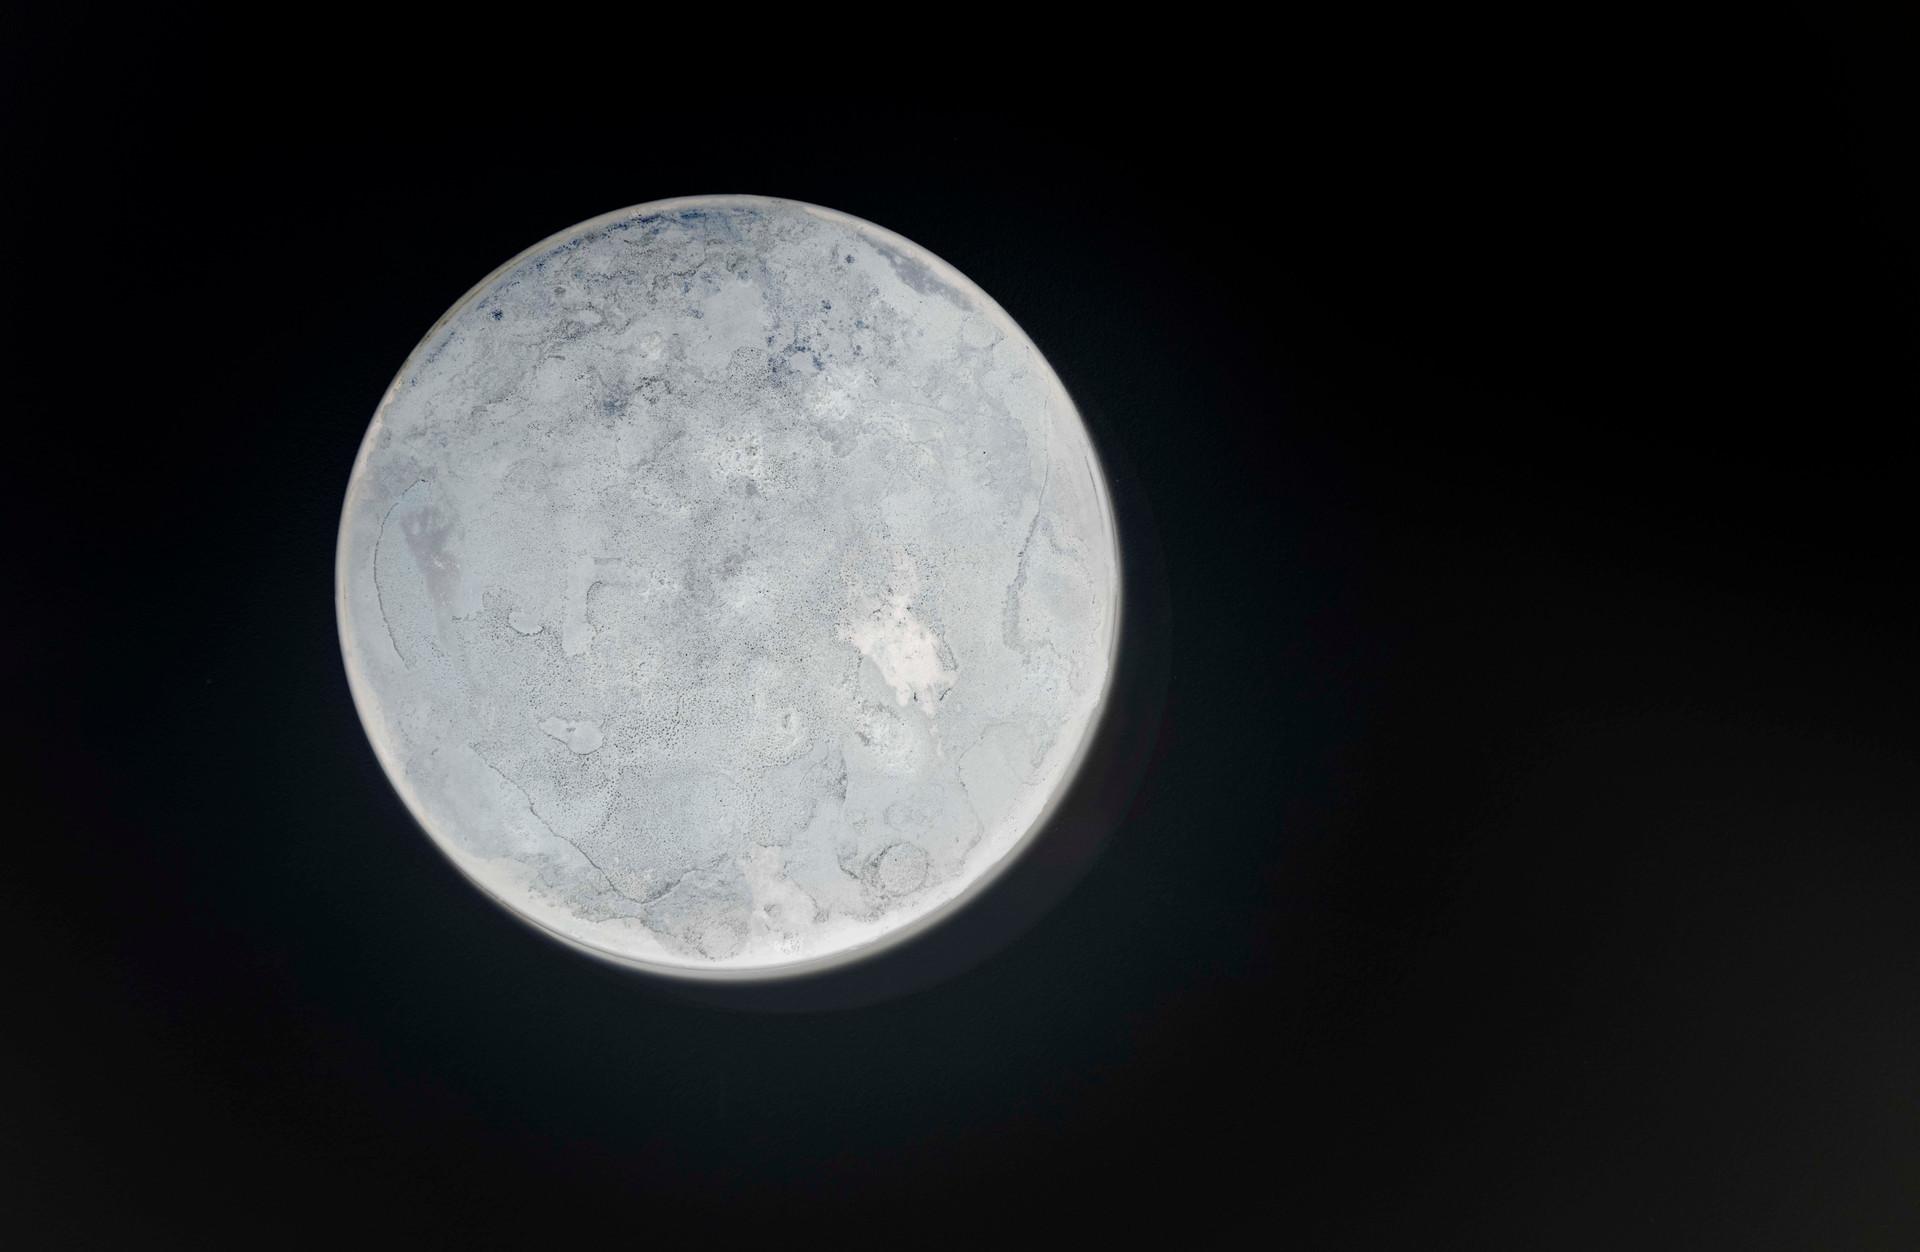 La luna #2